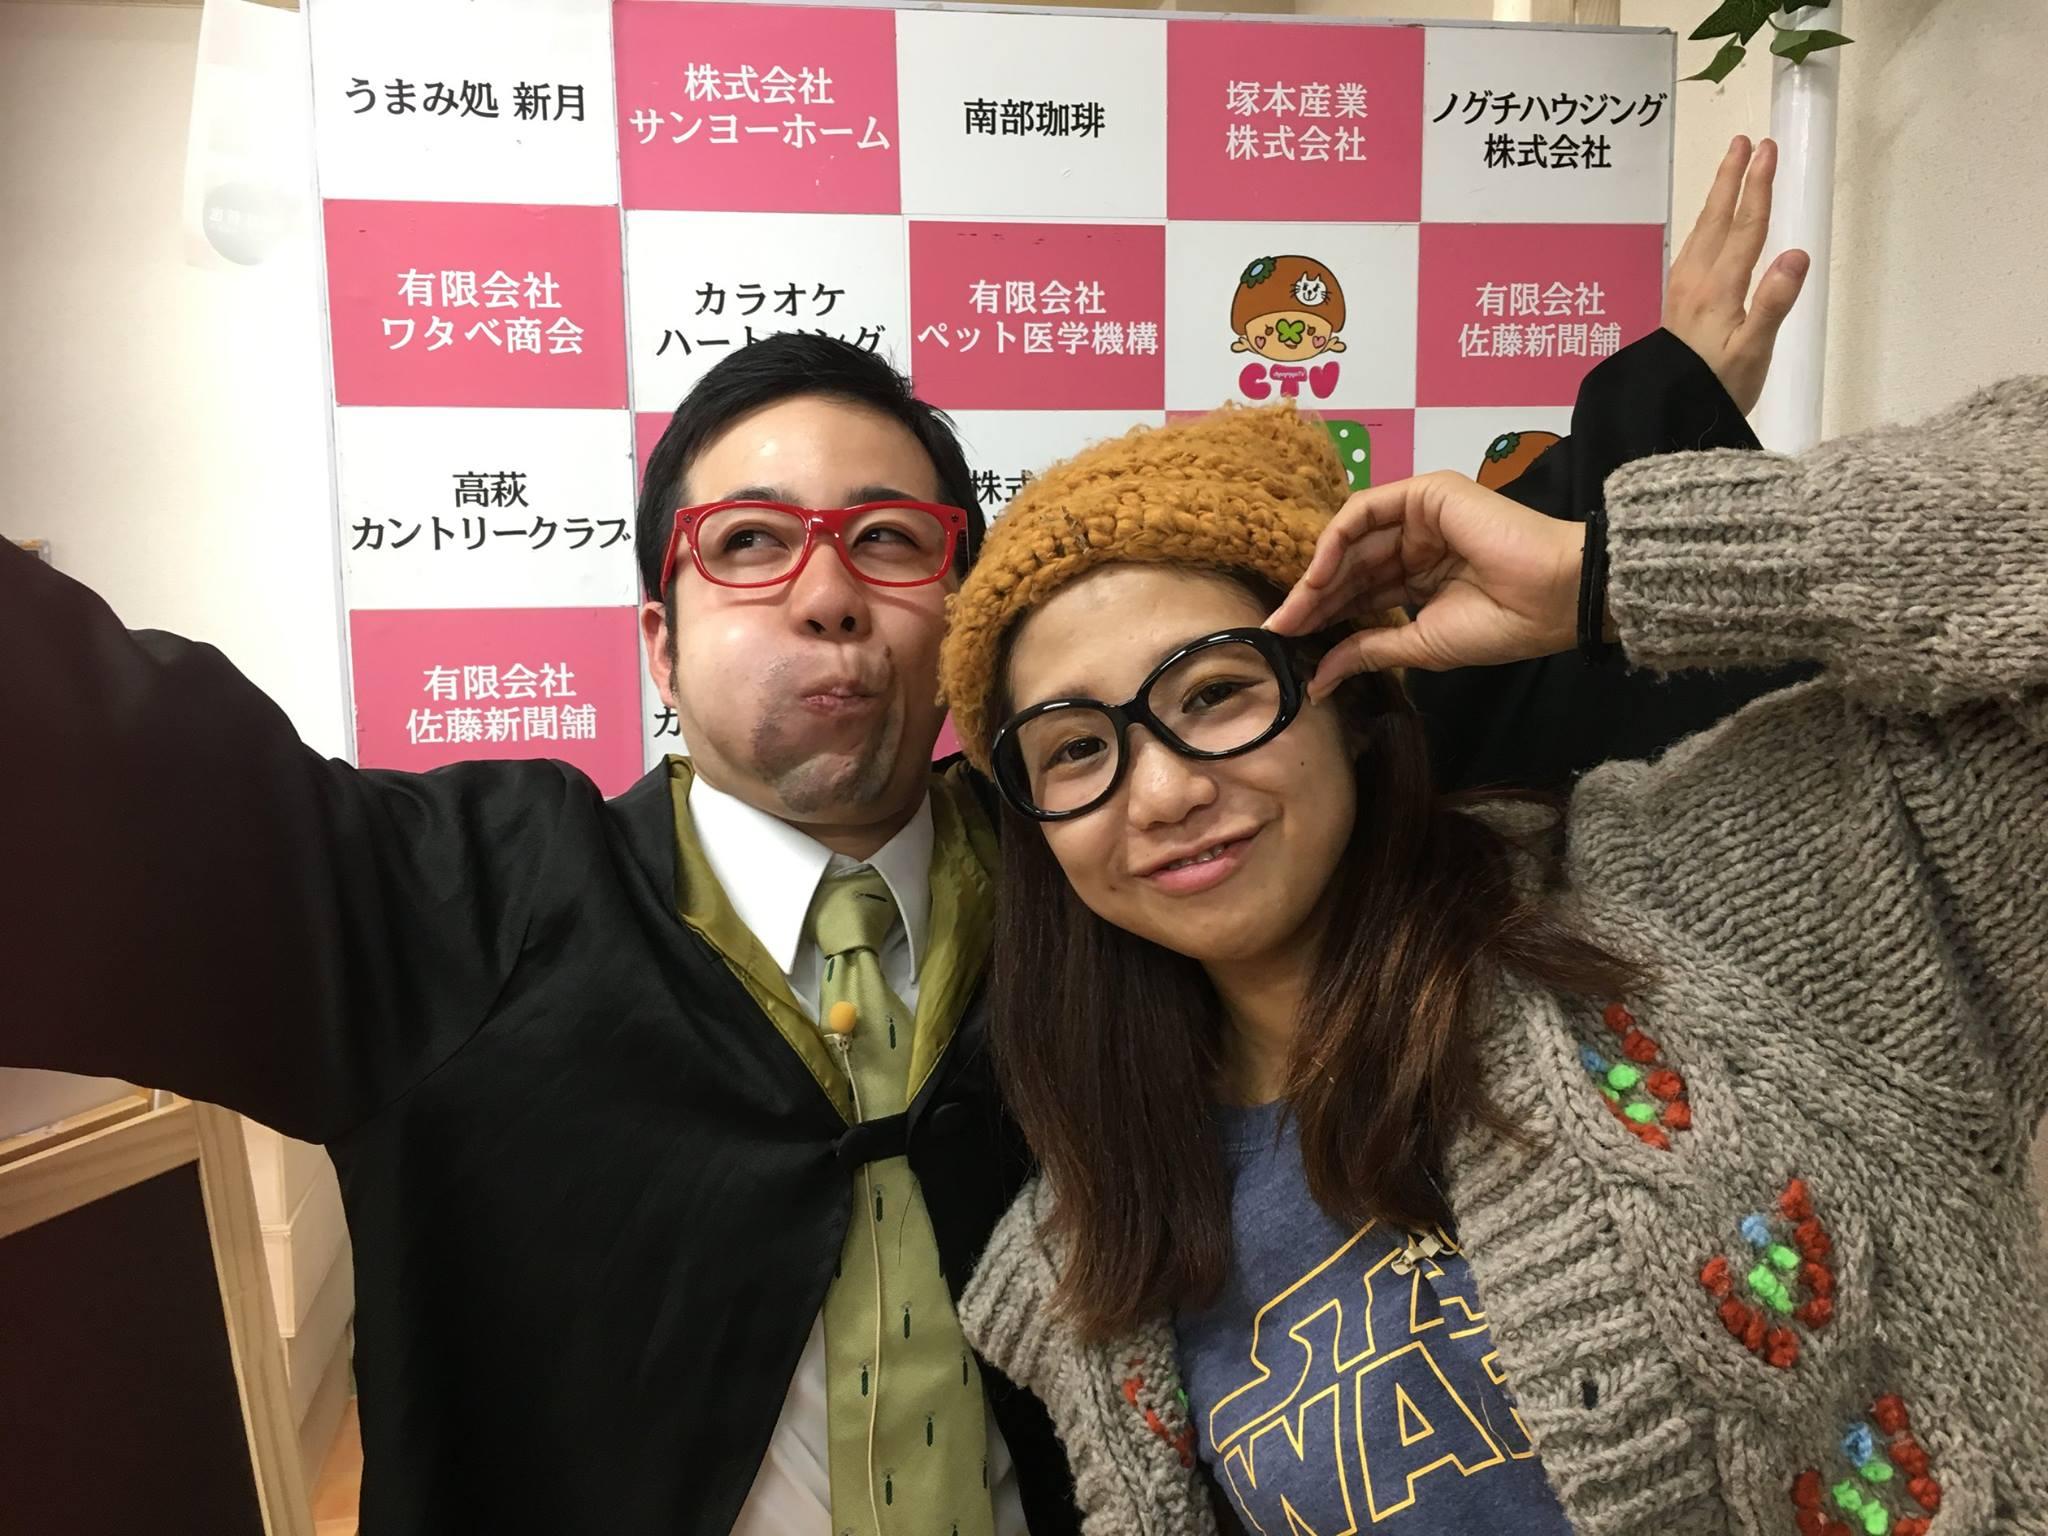 [2017/11/29]♡夕暮れモーモー #159♡